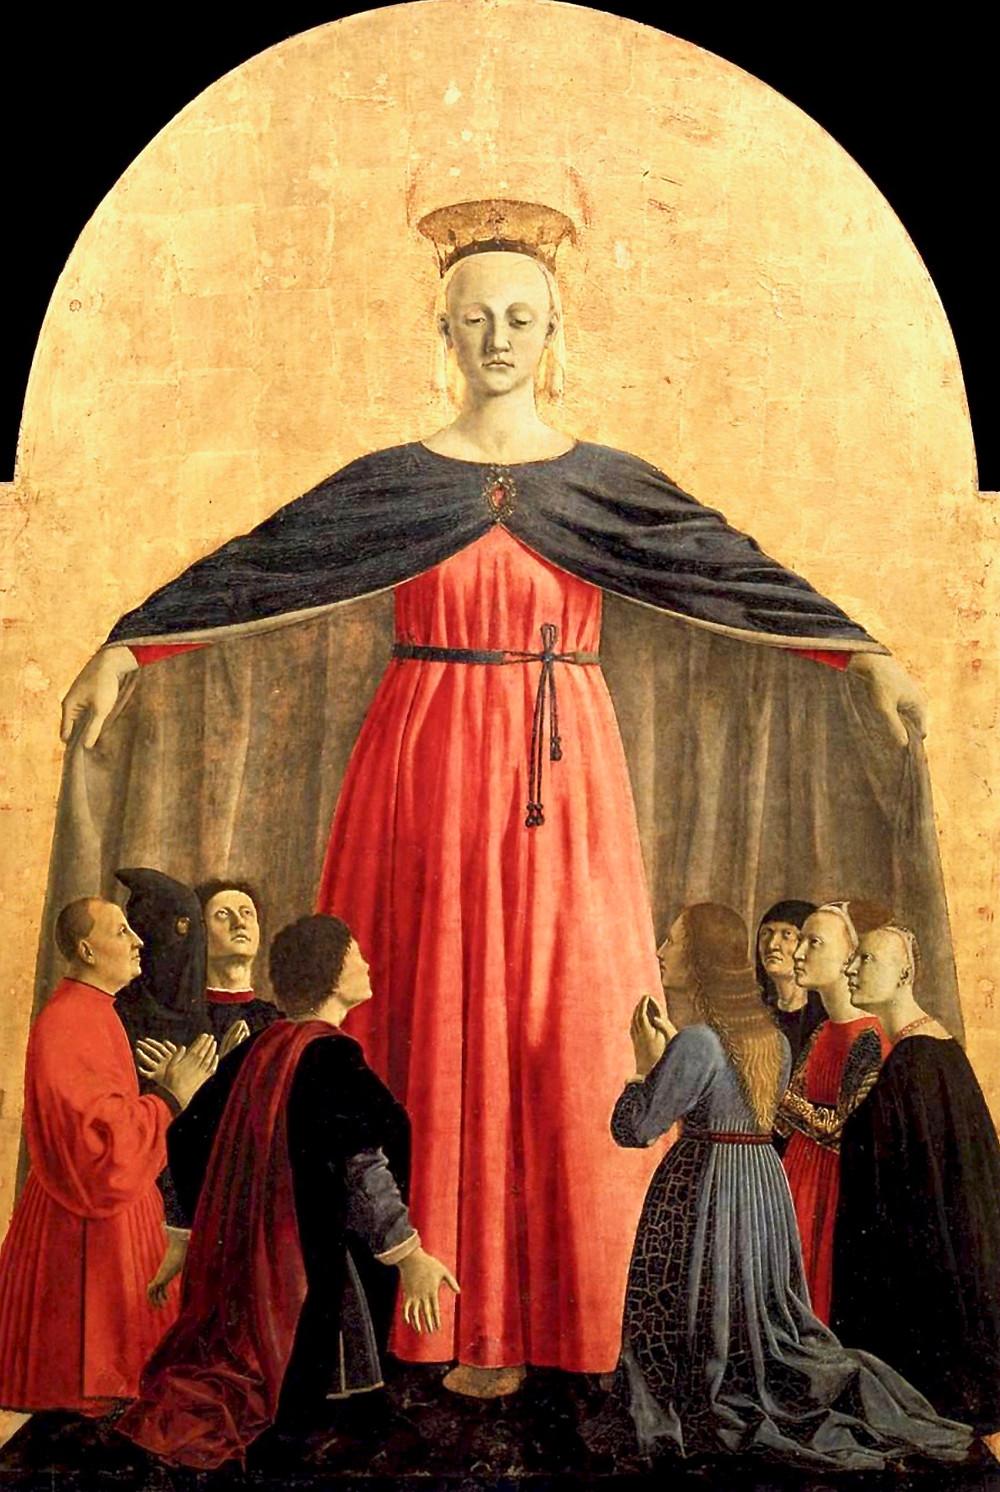 Piero della Francesca, Polyptych of the Misericordia, 1444-1465